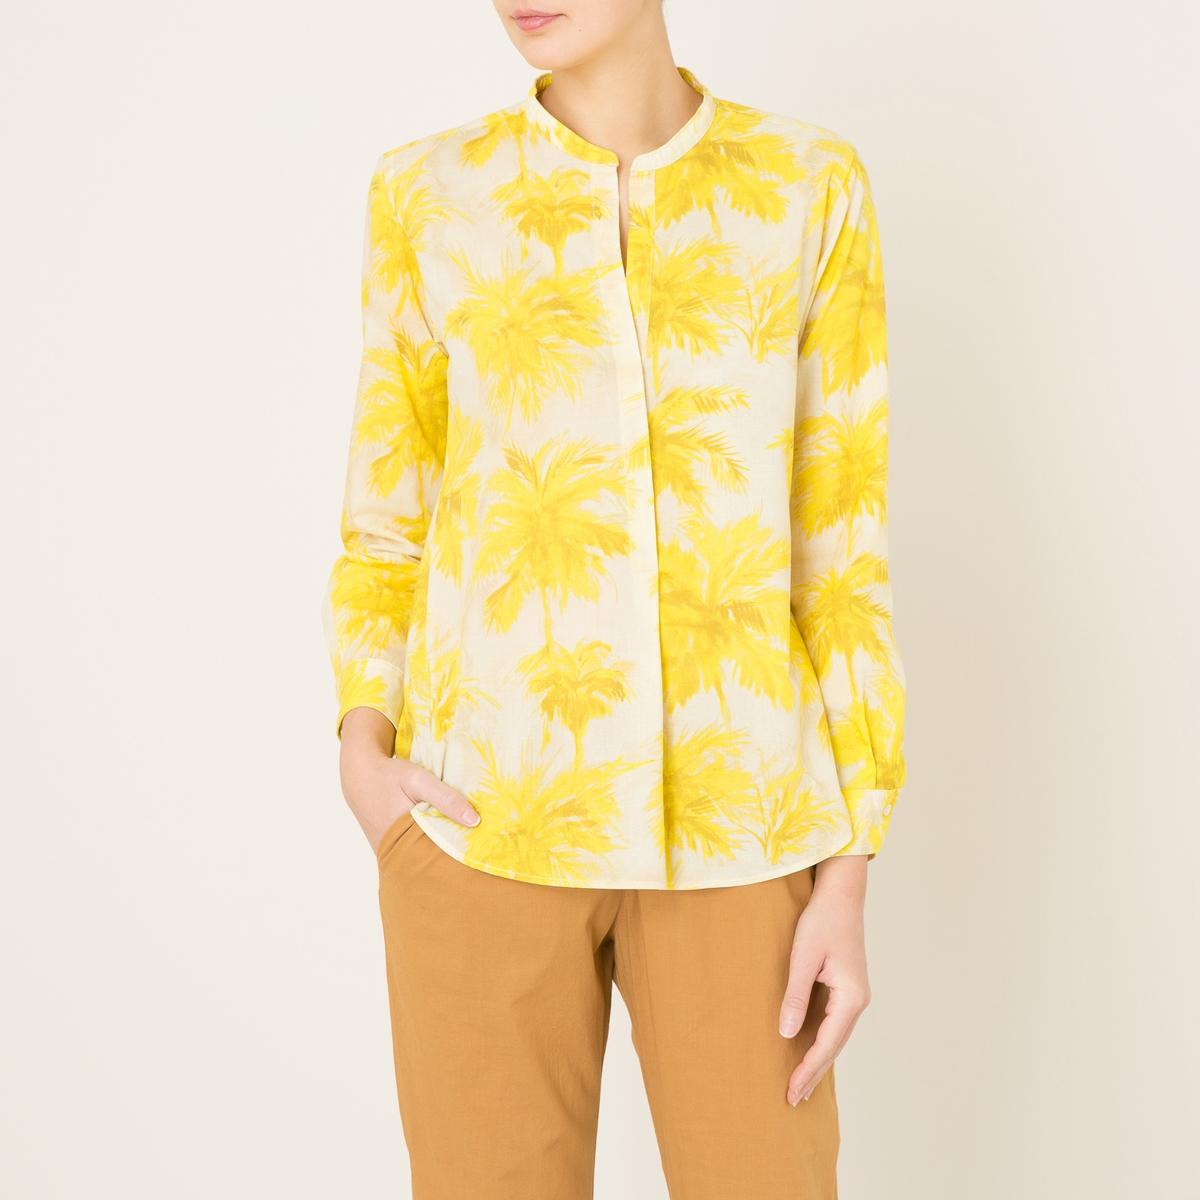 Блузка с рисункомСостав и описание    Материал : 100% хлопок   Марка : HARTFORD<br><br>Цвет: желтый,хаки